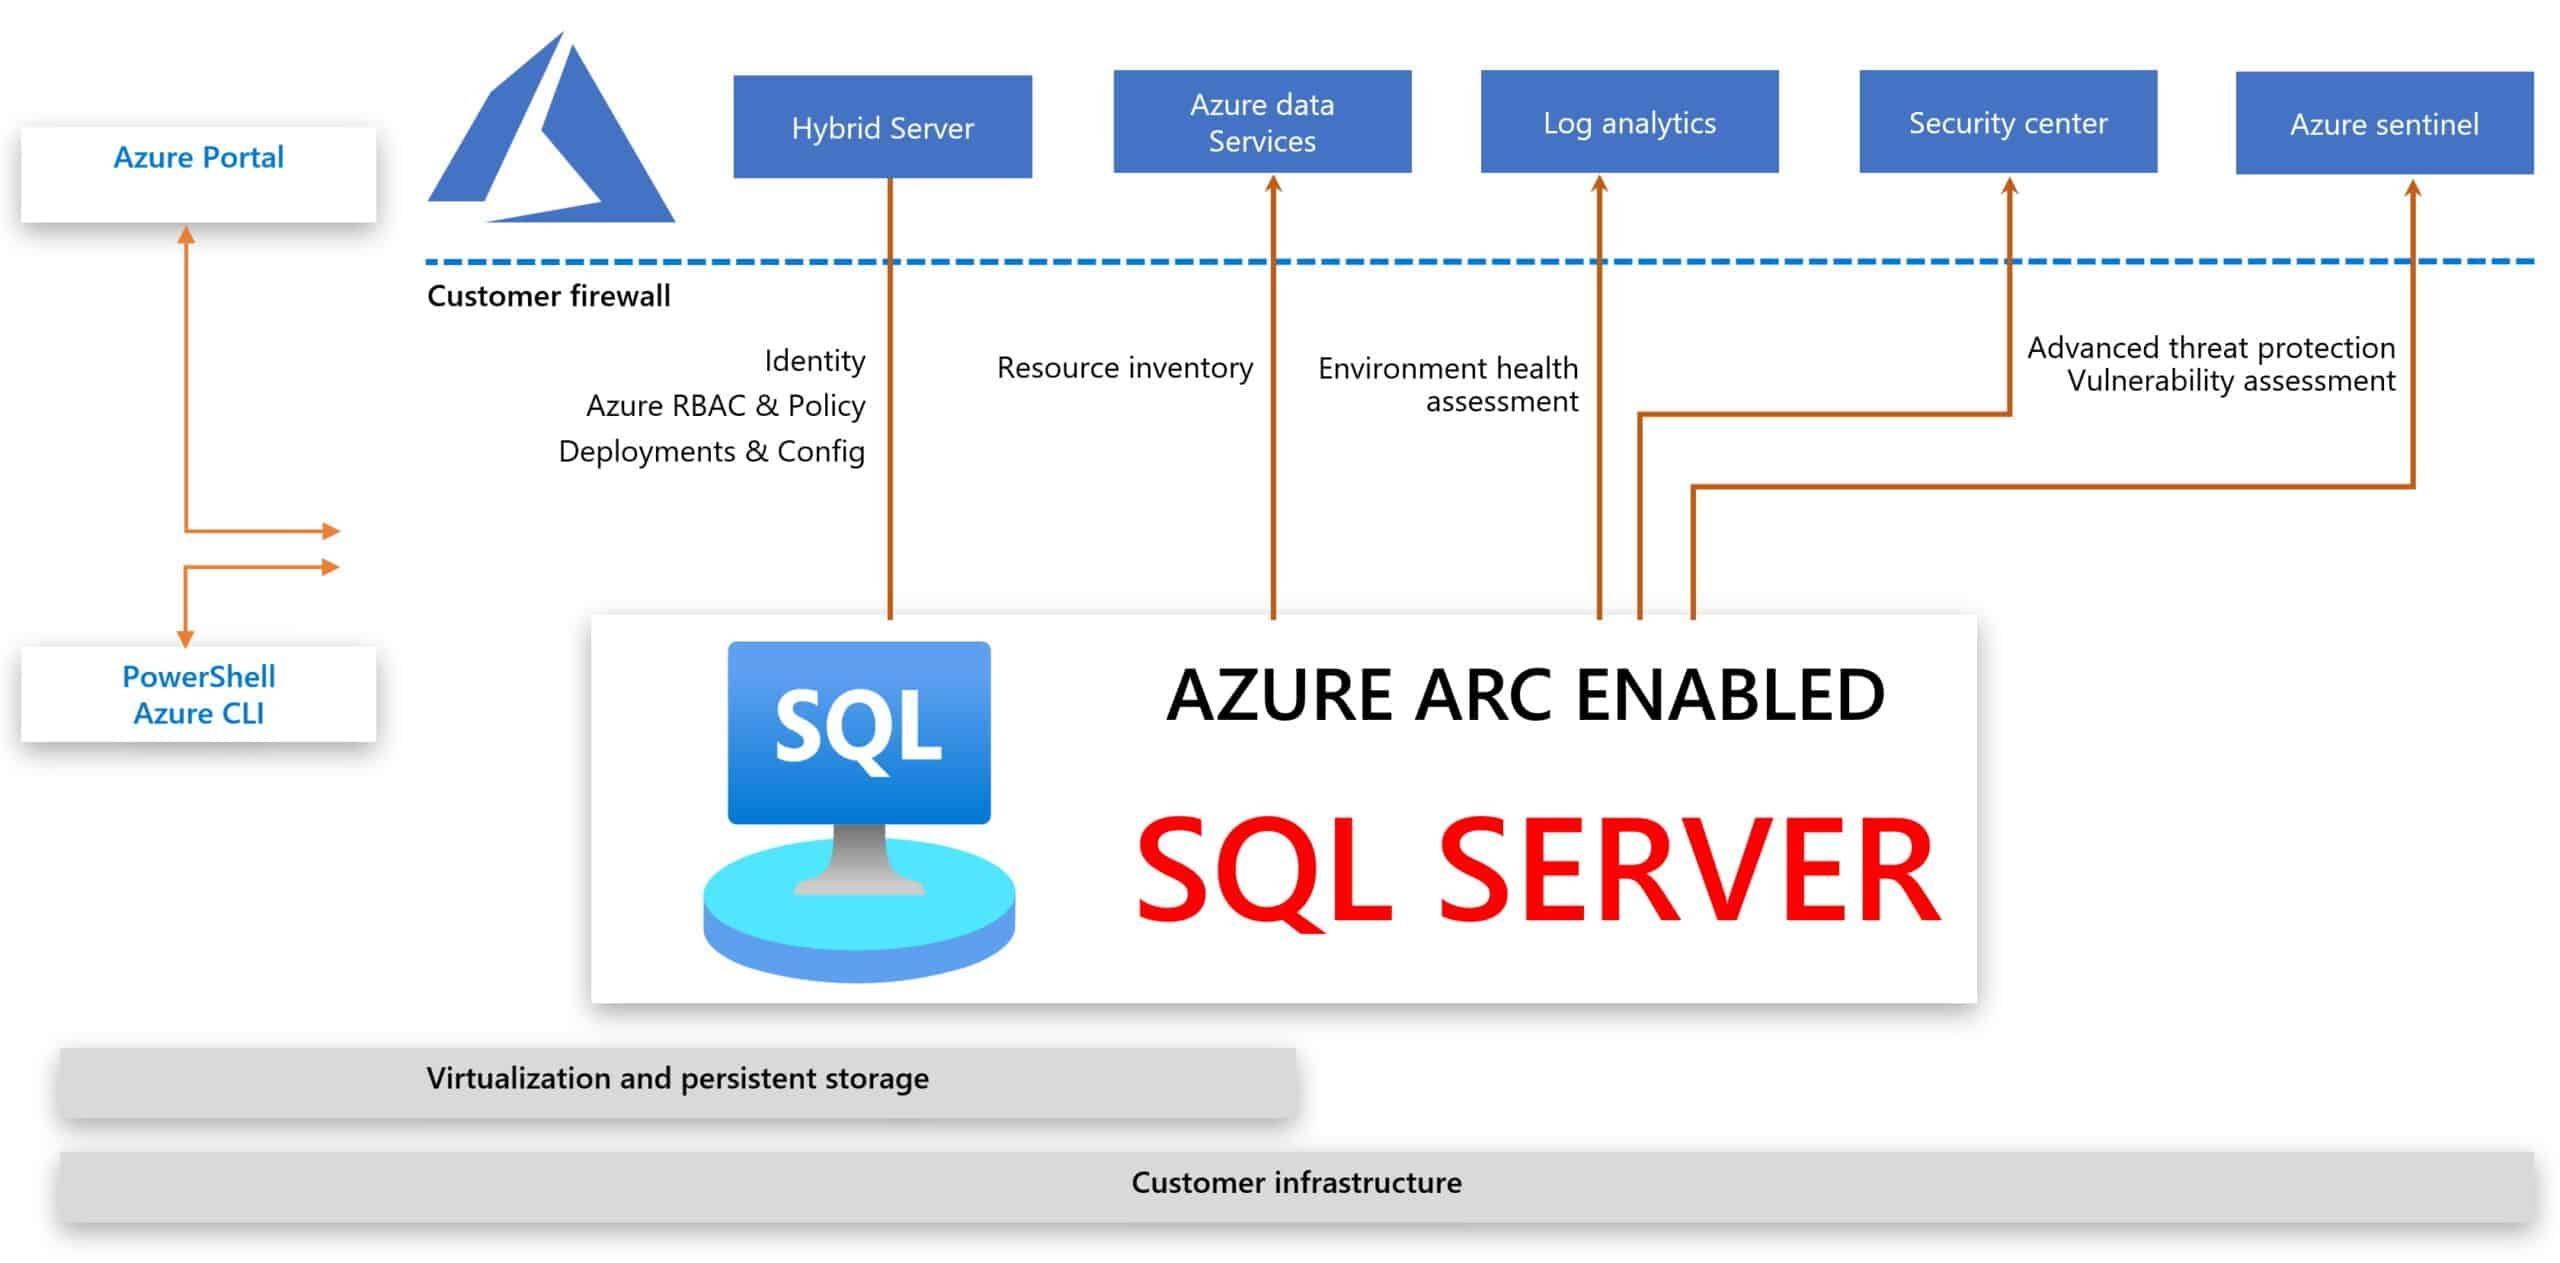 C:\Users\Cotocus5\Desktop\Azure-Arc-enabled-SQL-Server-scaled.jpg